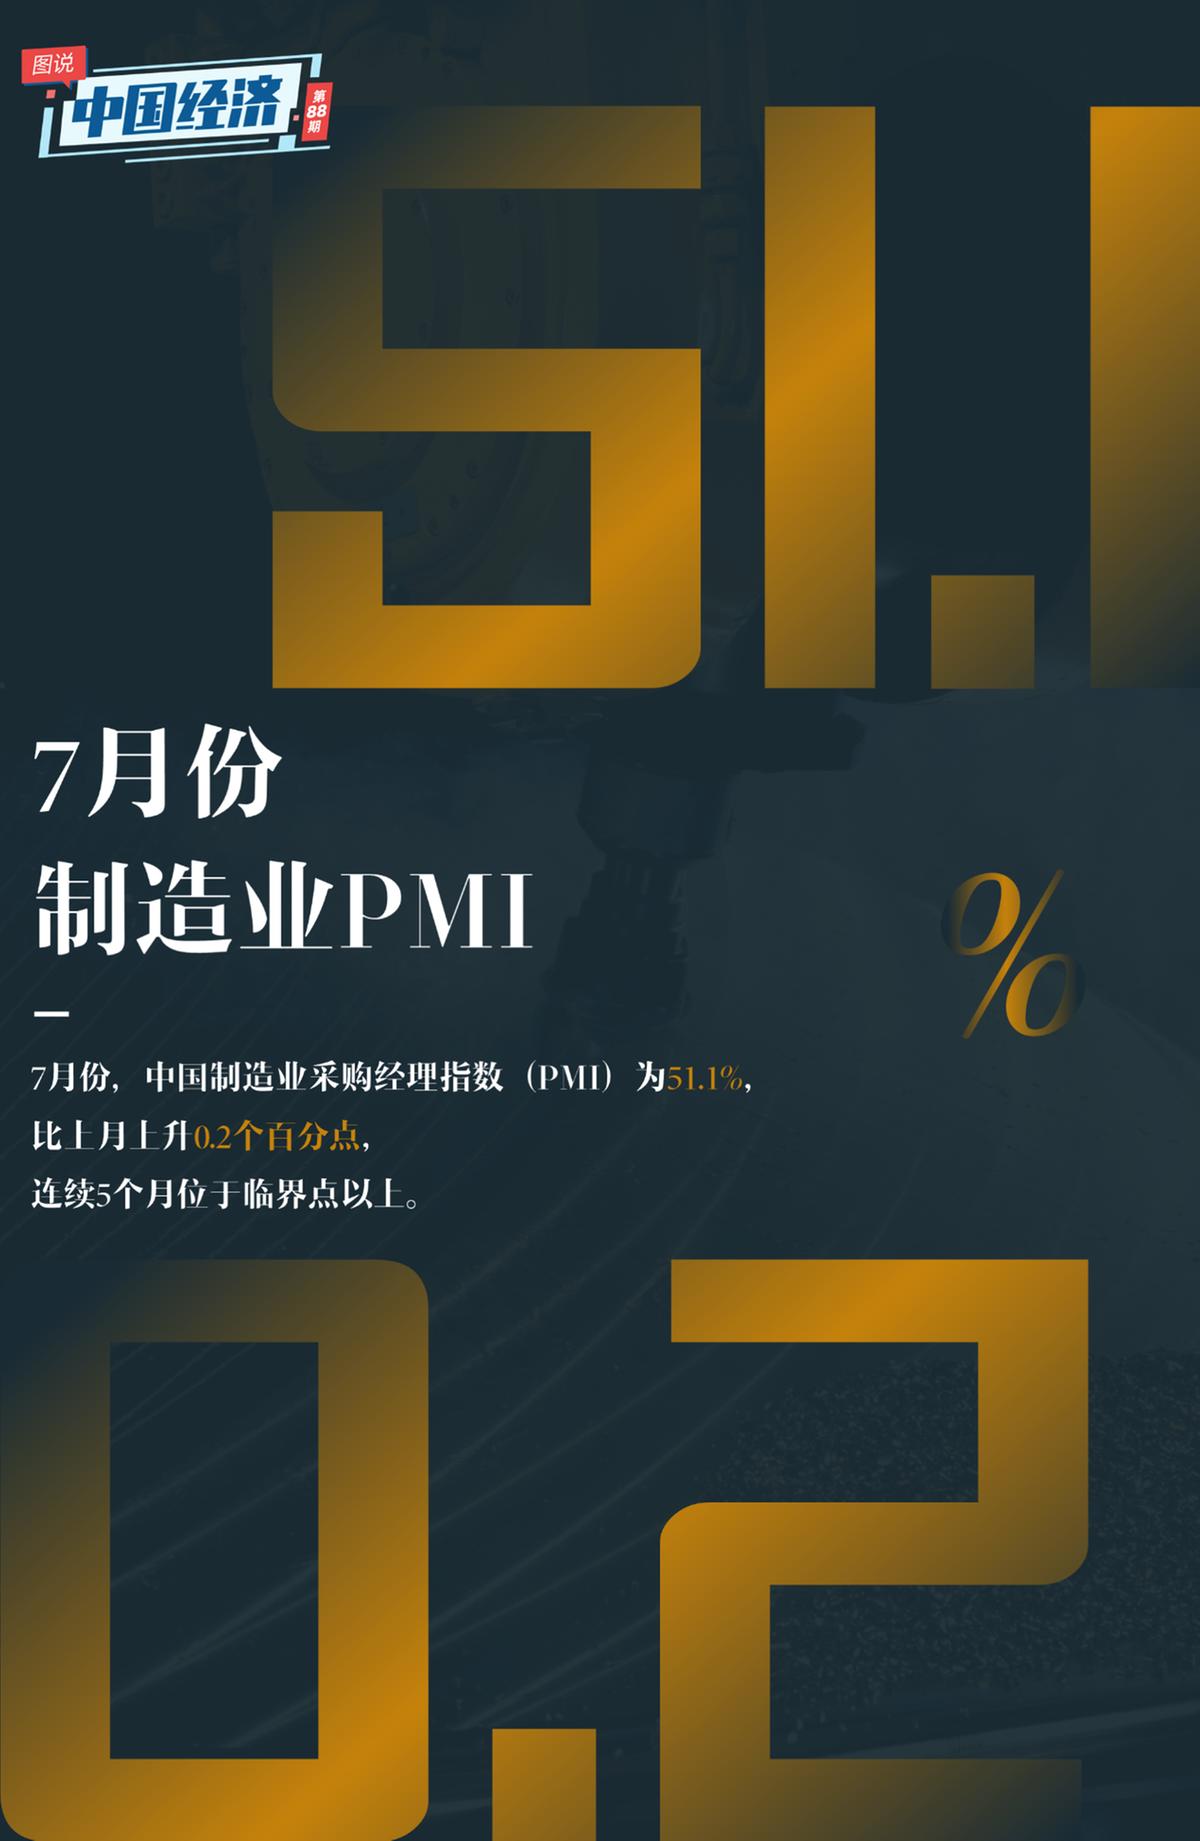 【图说中国经济】制造业PMI连续5个月超临界点 中国经济释放积极信号